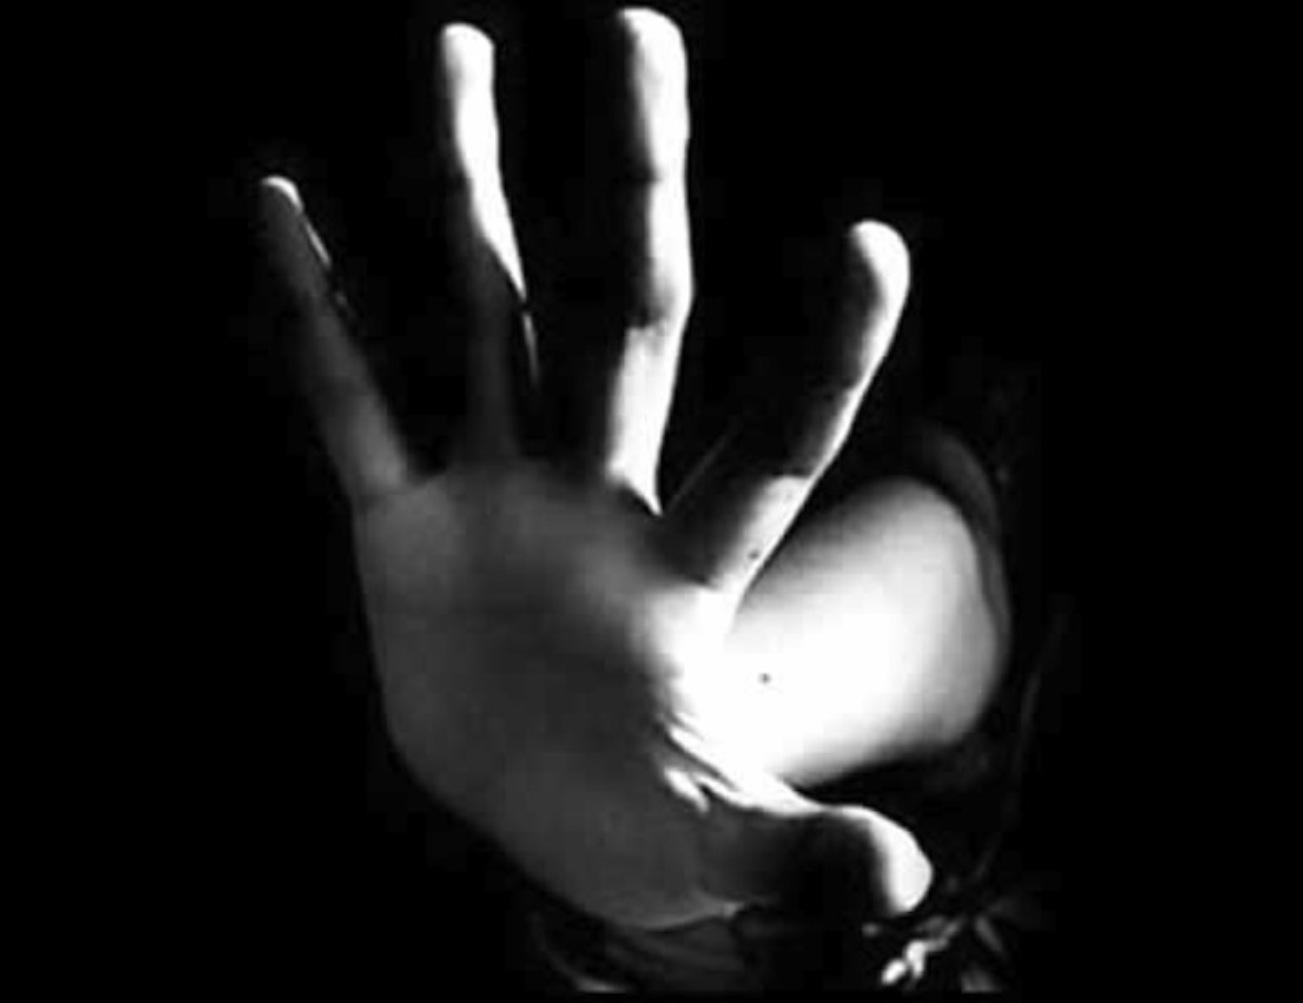 Tecavüzcüden pişkin savunma: Onun sayesinde cezaevinde Kur'an öğrendim